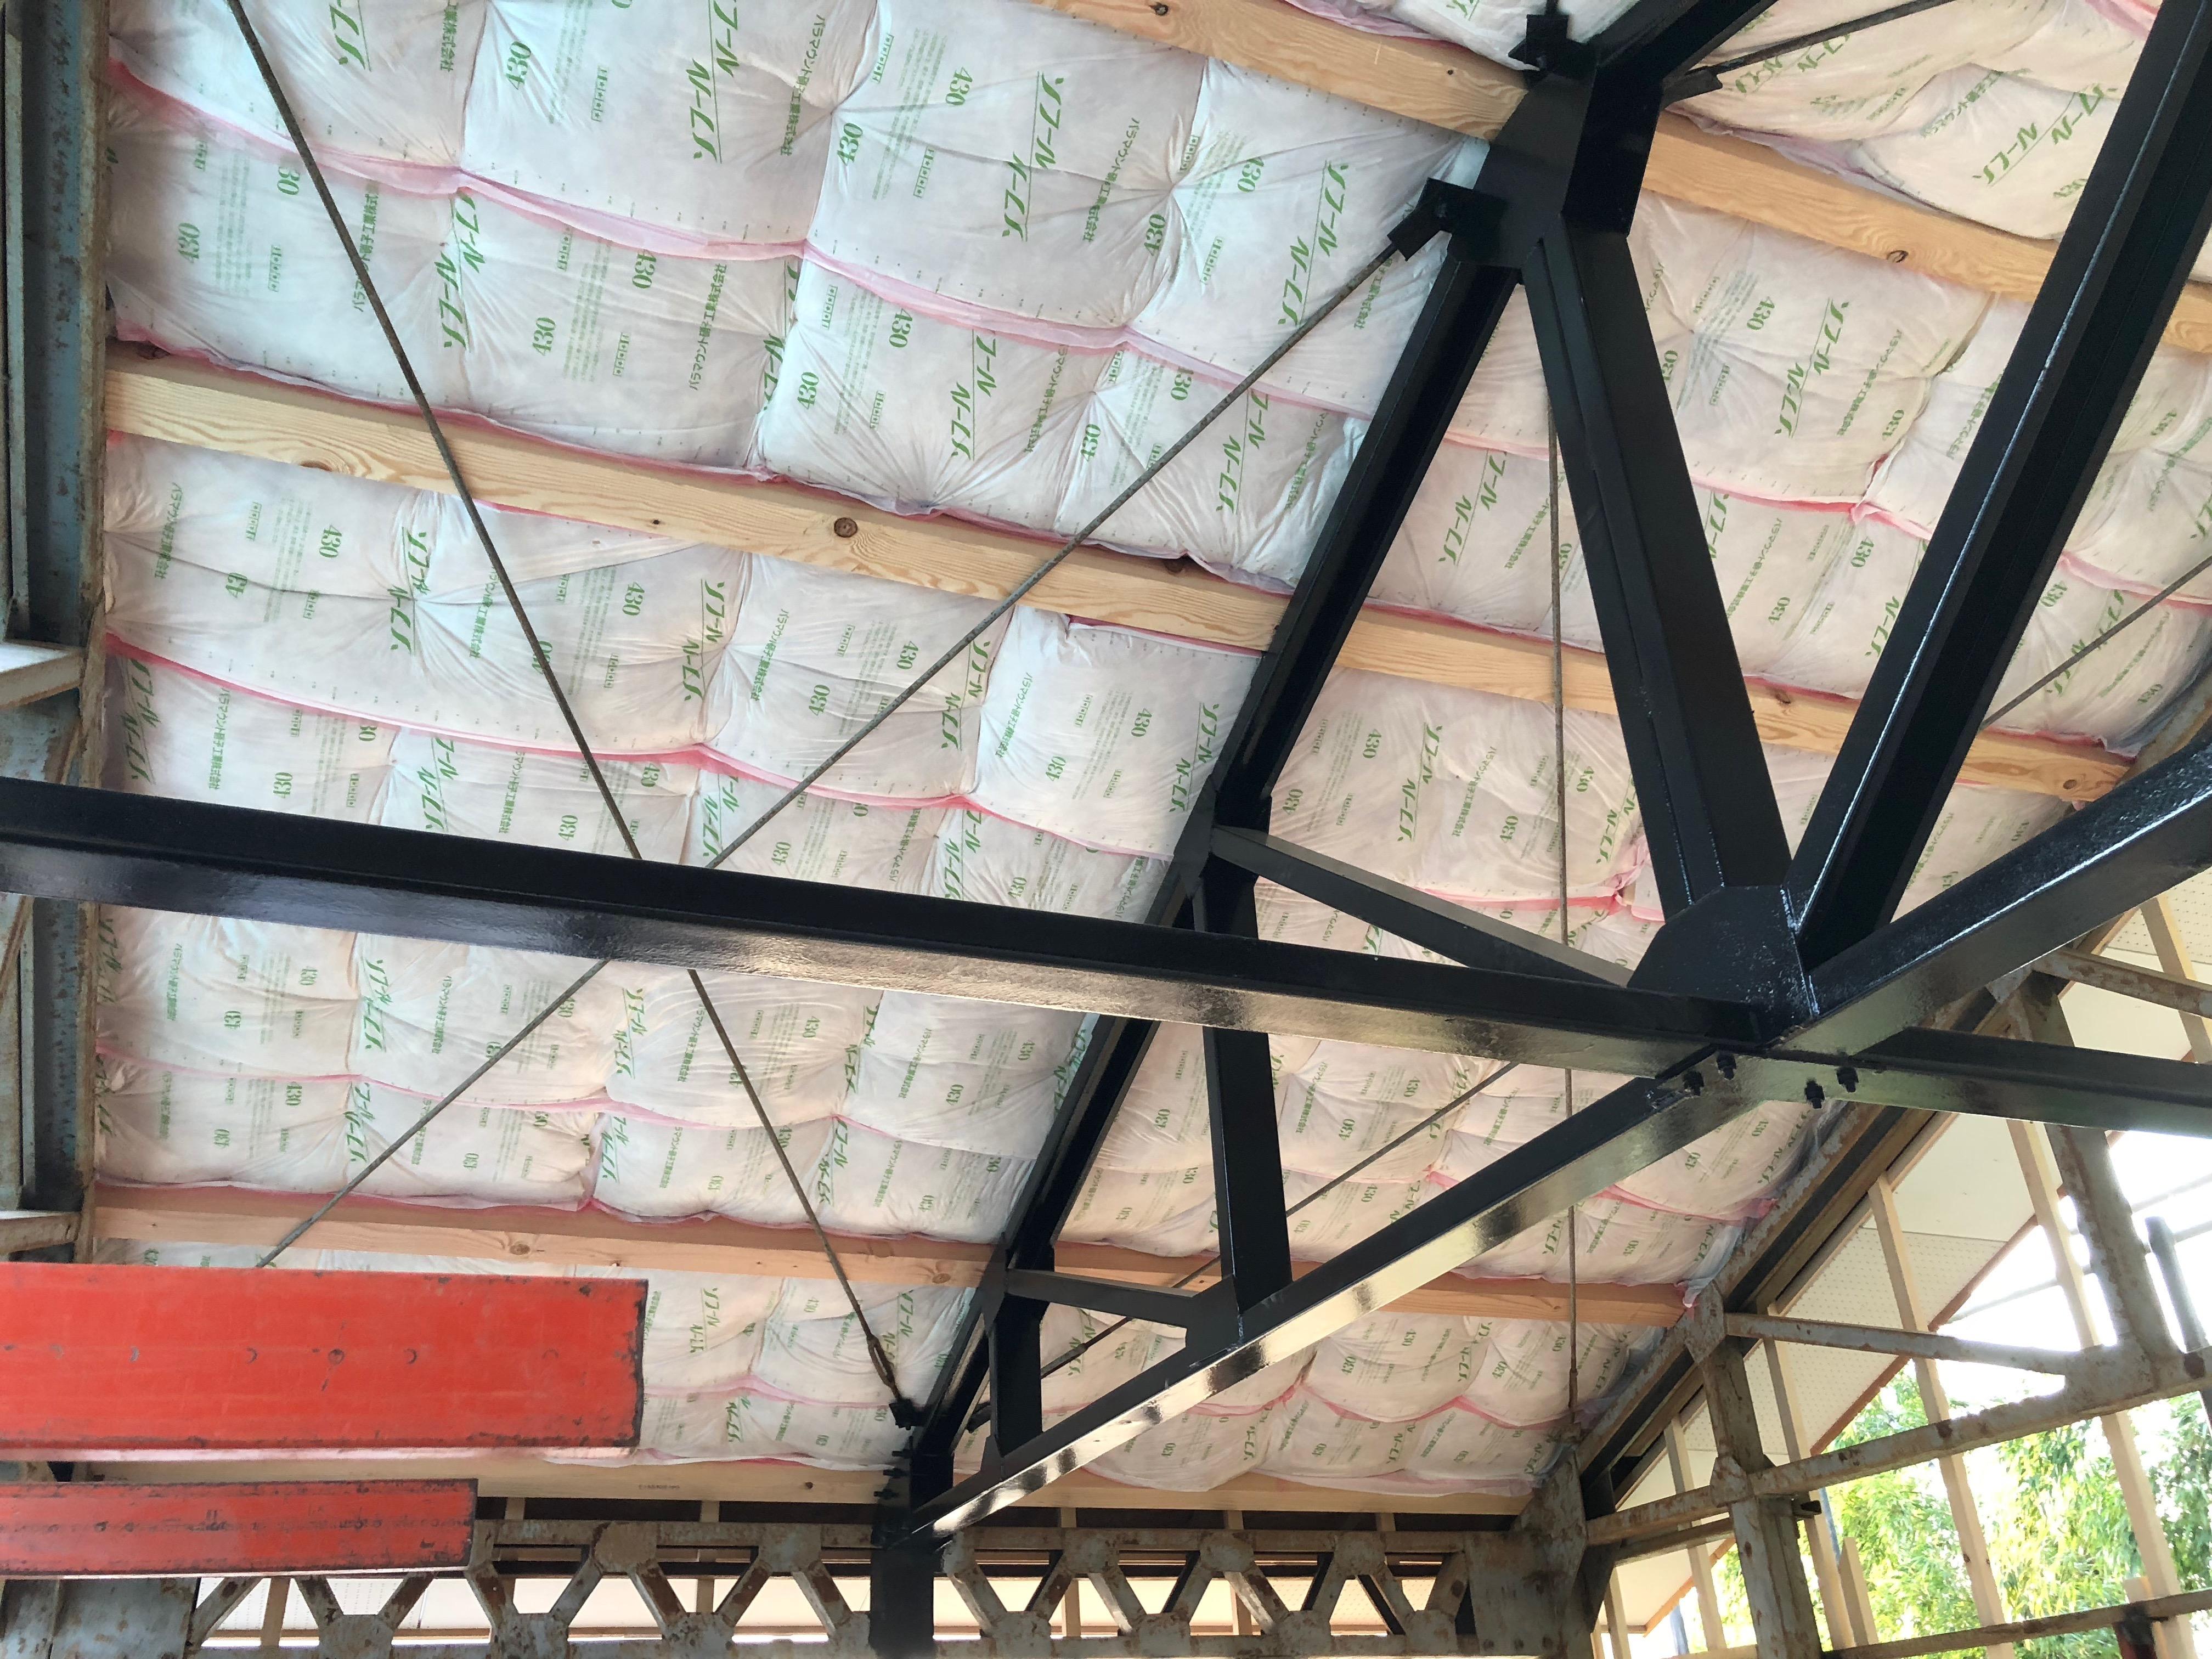 壁天井工事01 -2階天井断熱材を入れる。タケノコが出てきた-